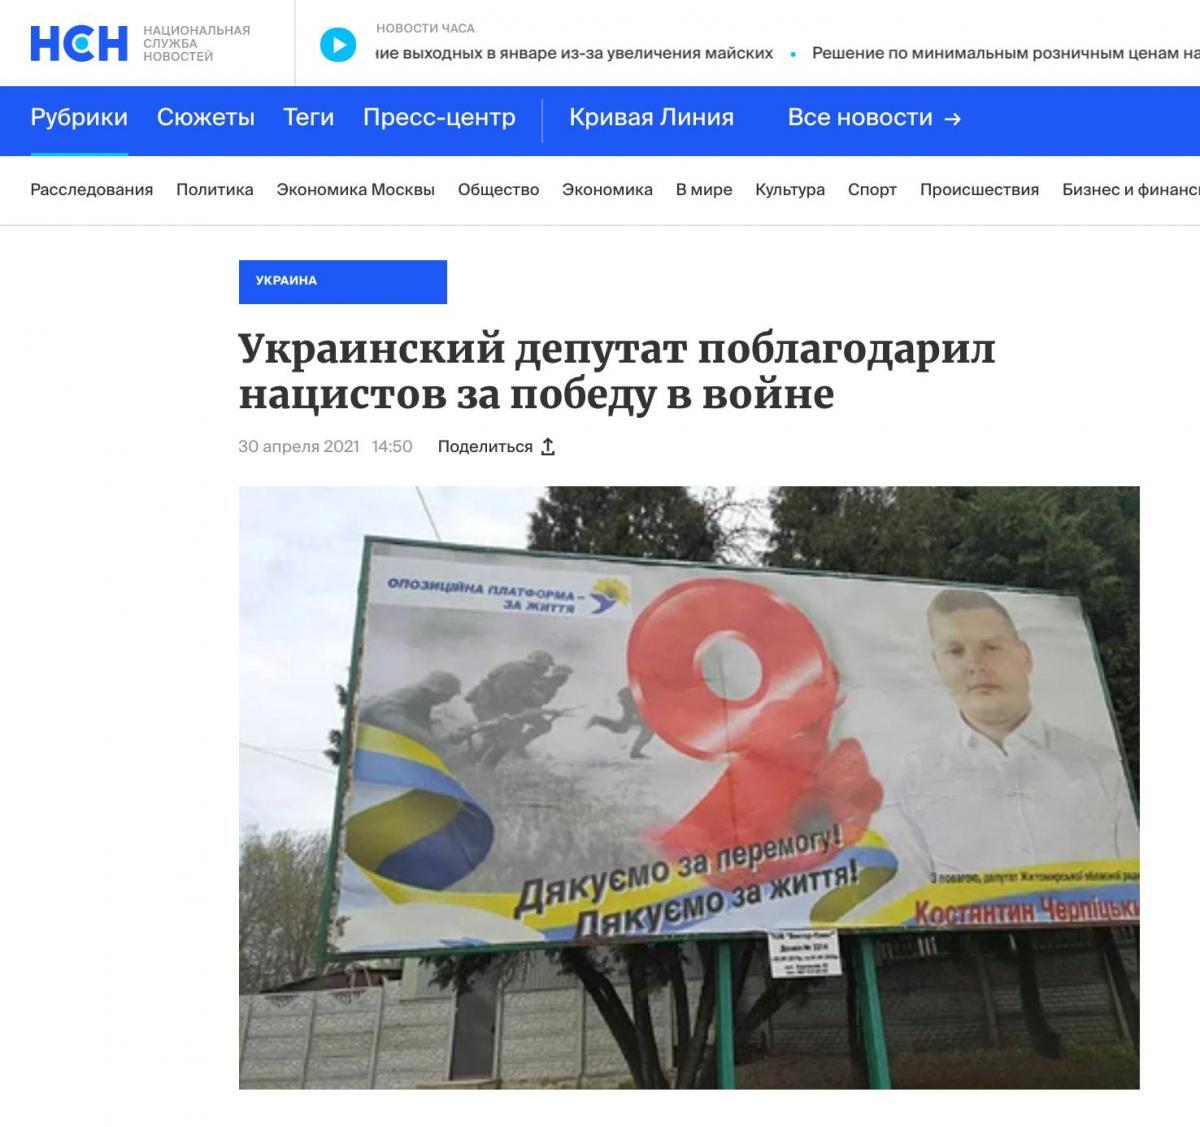 """Забули, що він з партії кума Путіна: росЗМІ осоромилися, розтиражувавши новину про """"нацистський"""" білборд депутата ОПЗЖ"""